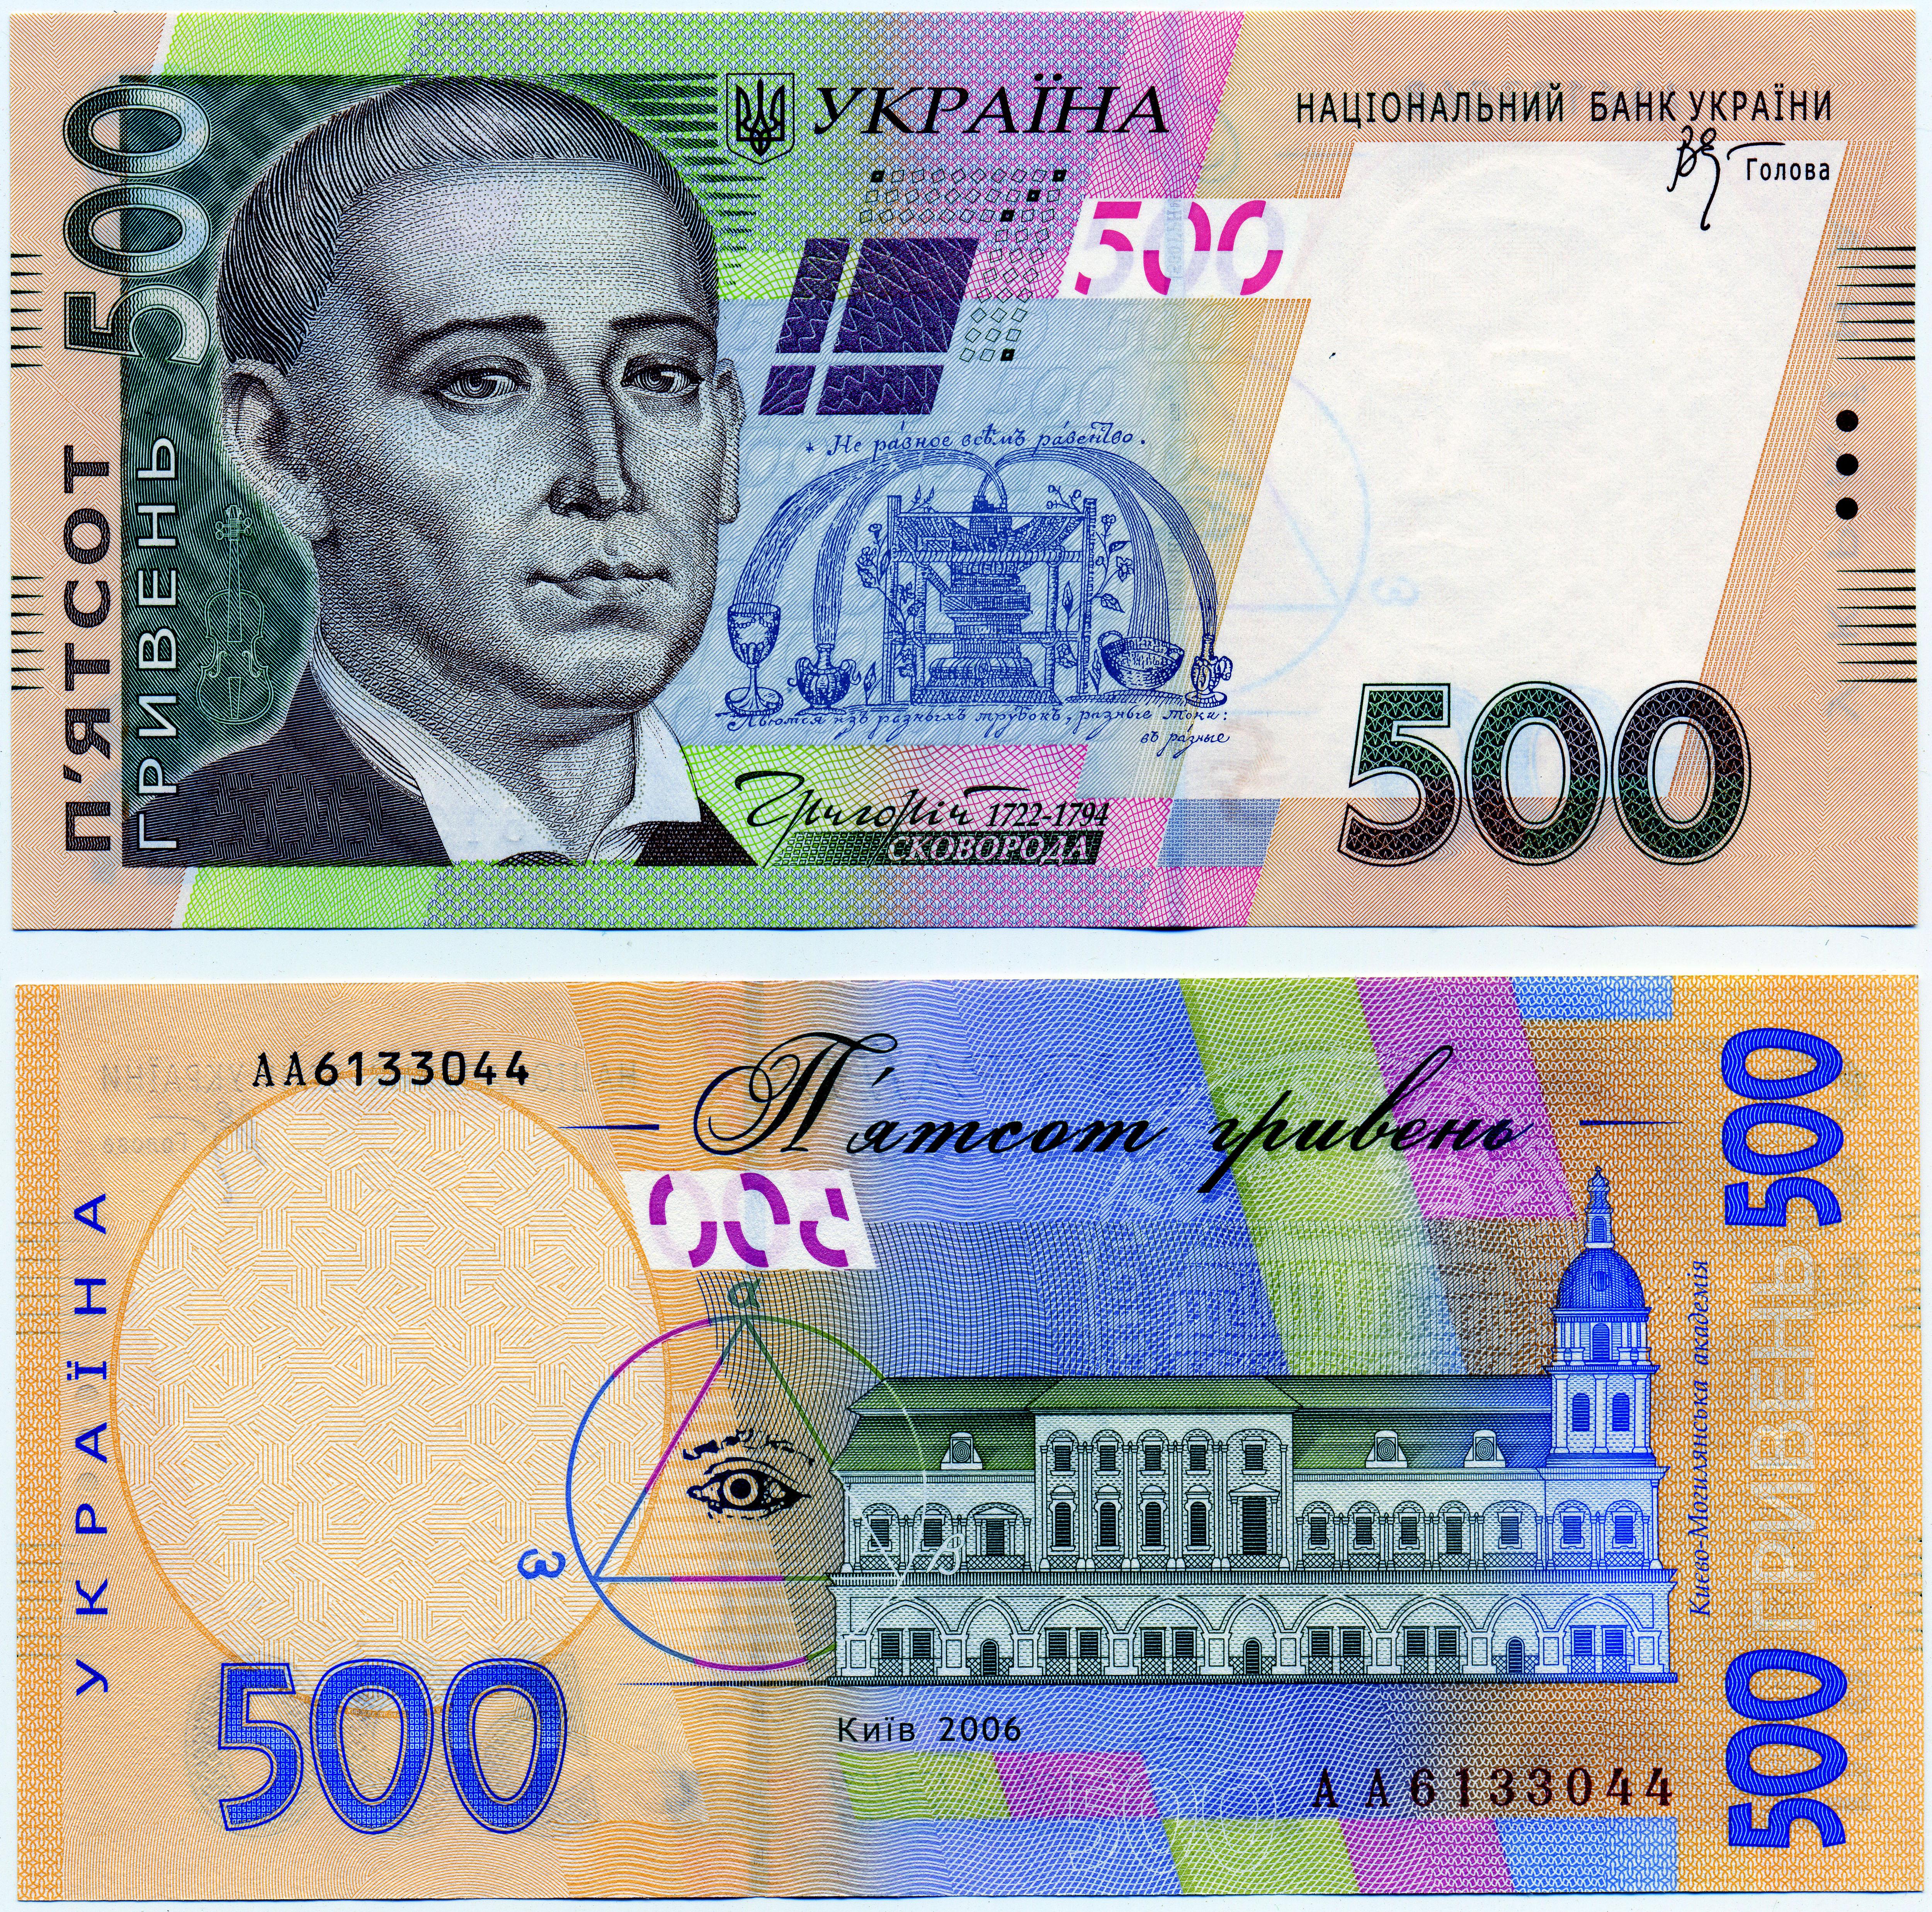 File:500 гривен (3).jpg - Wikimedia Commons